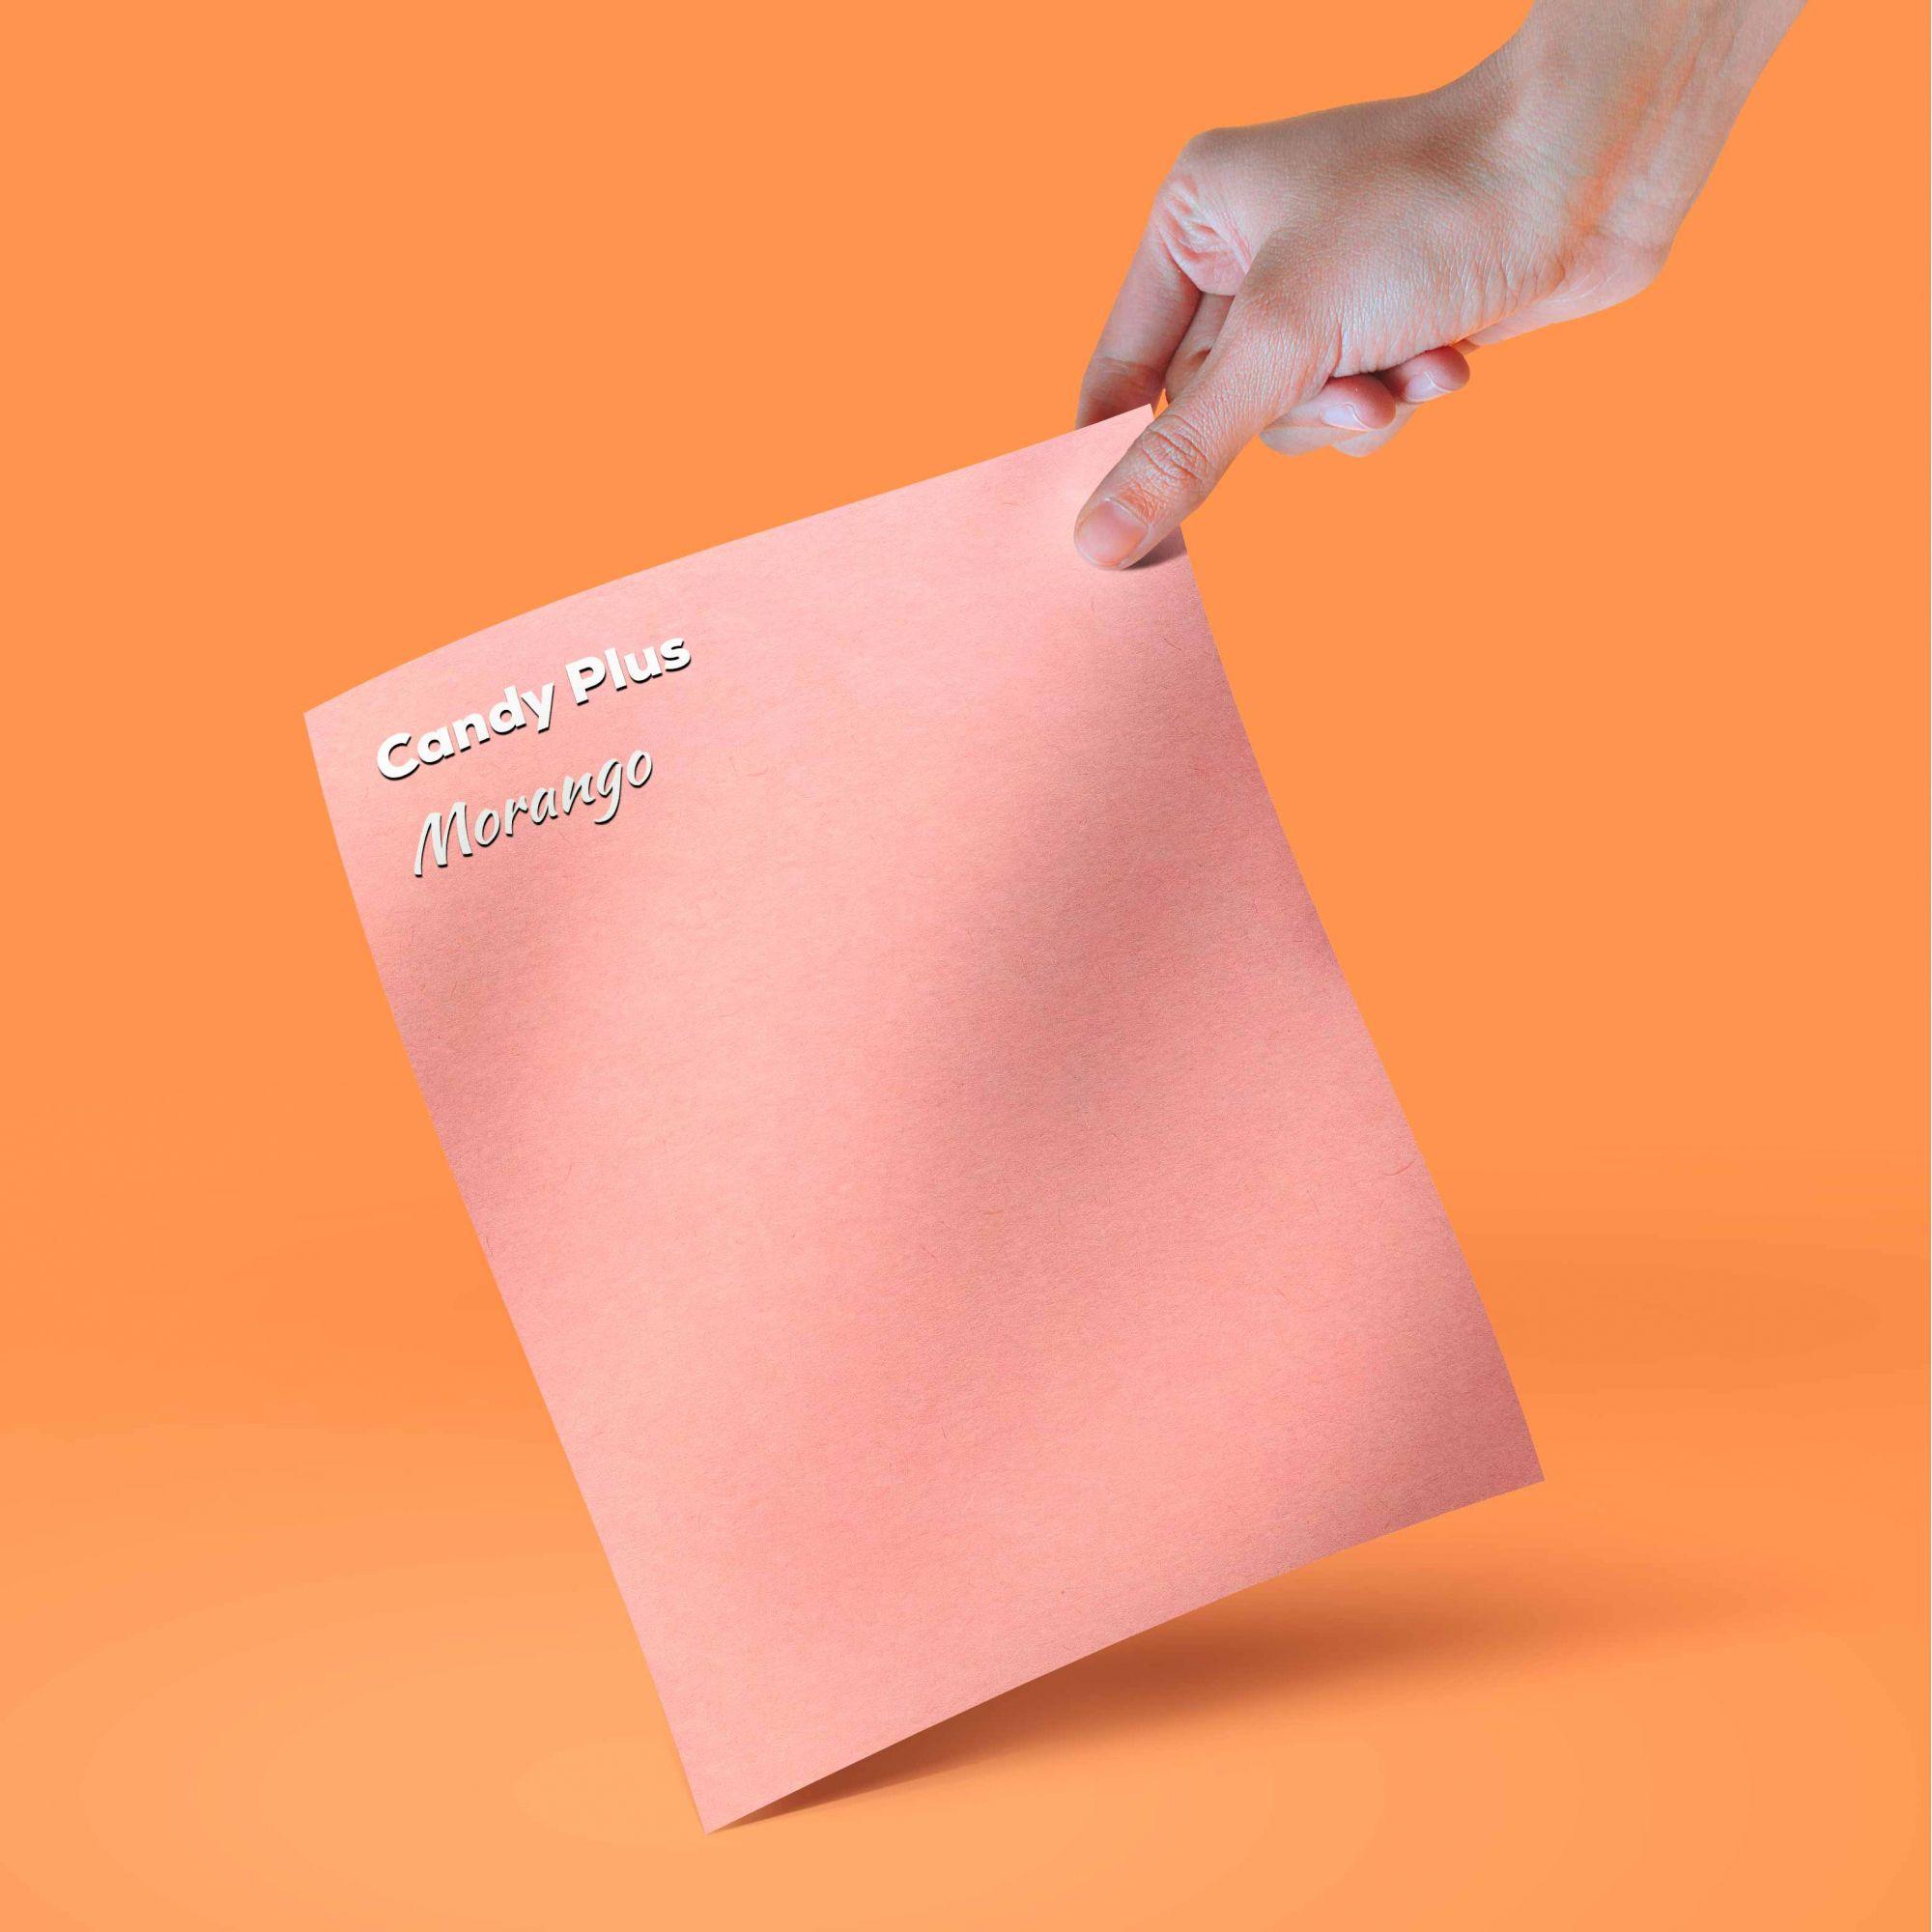 Candy Plus - Morango -  rosa  - Tam. 30,5x30,5 - 180g/m² - 20 folhas